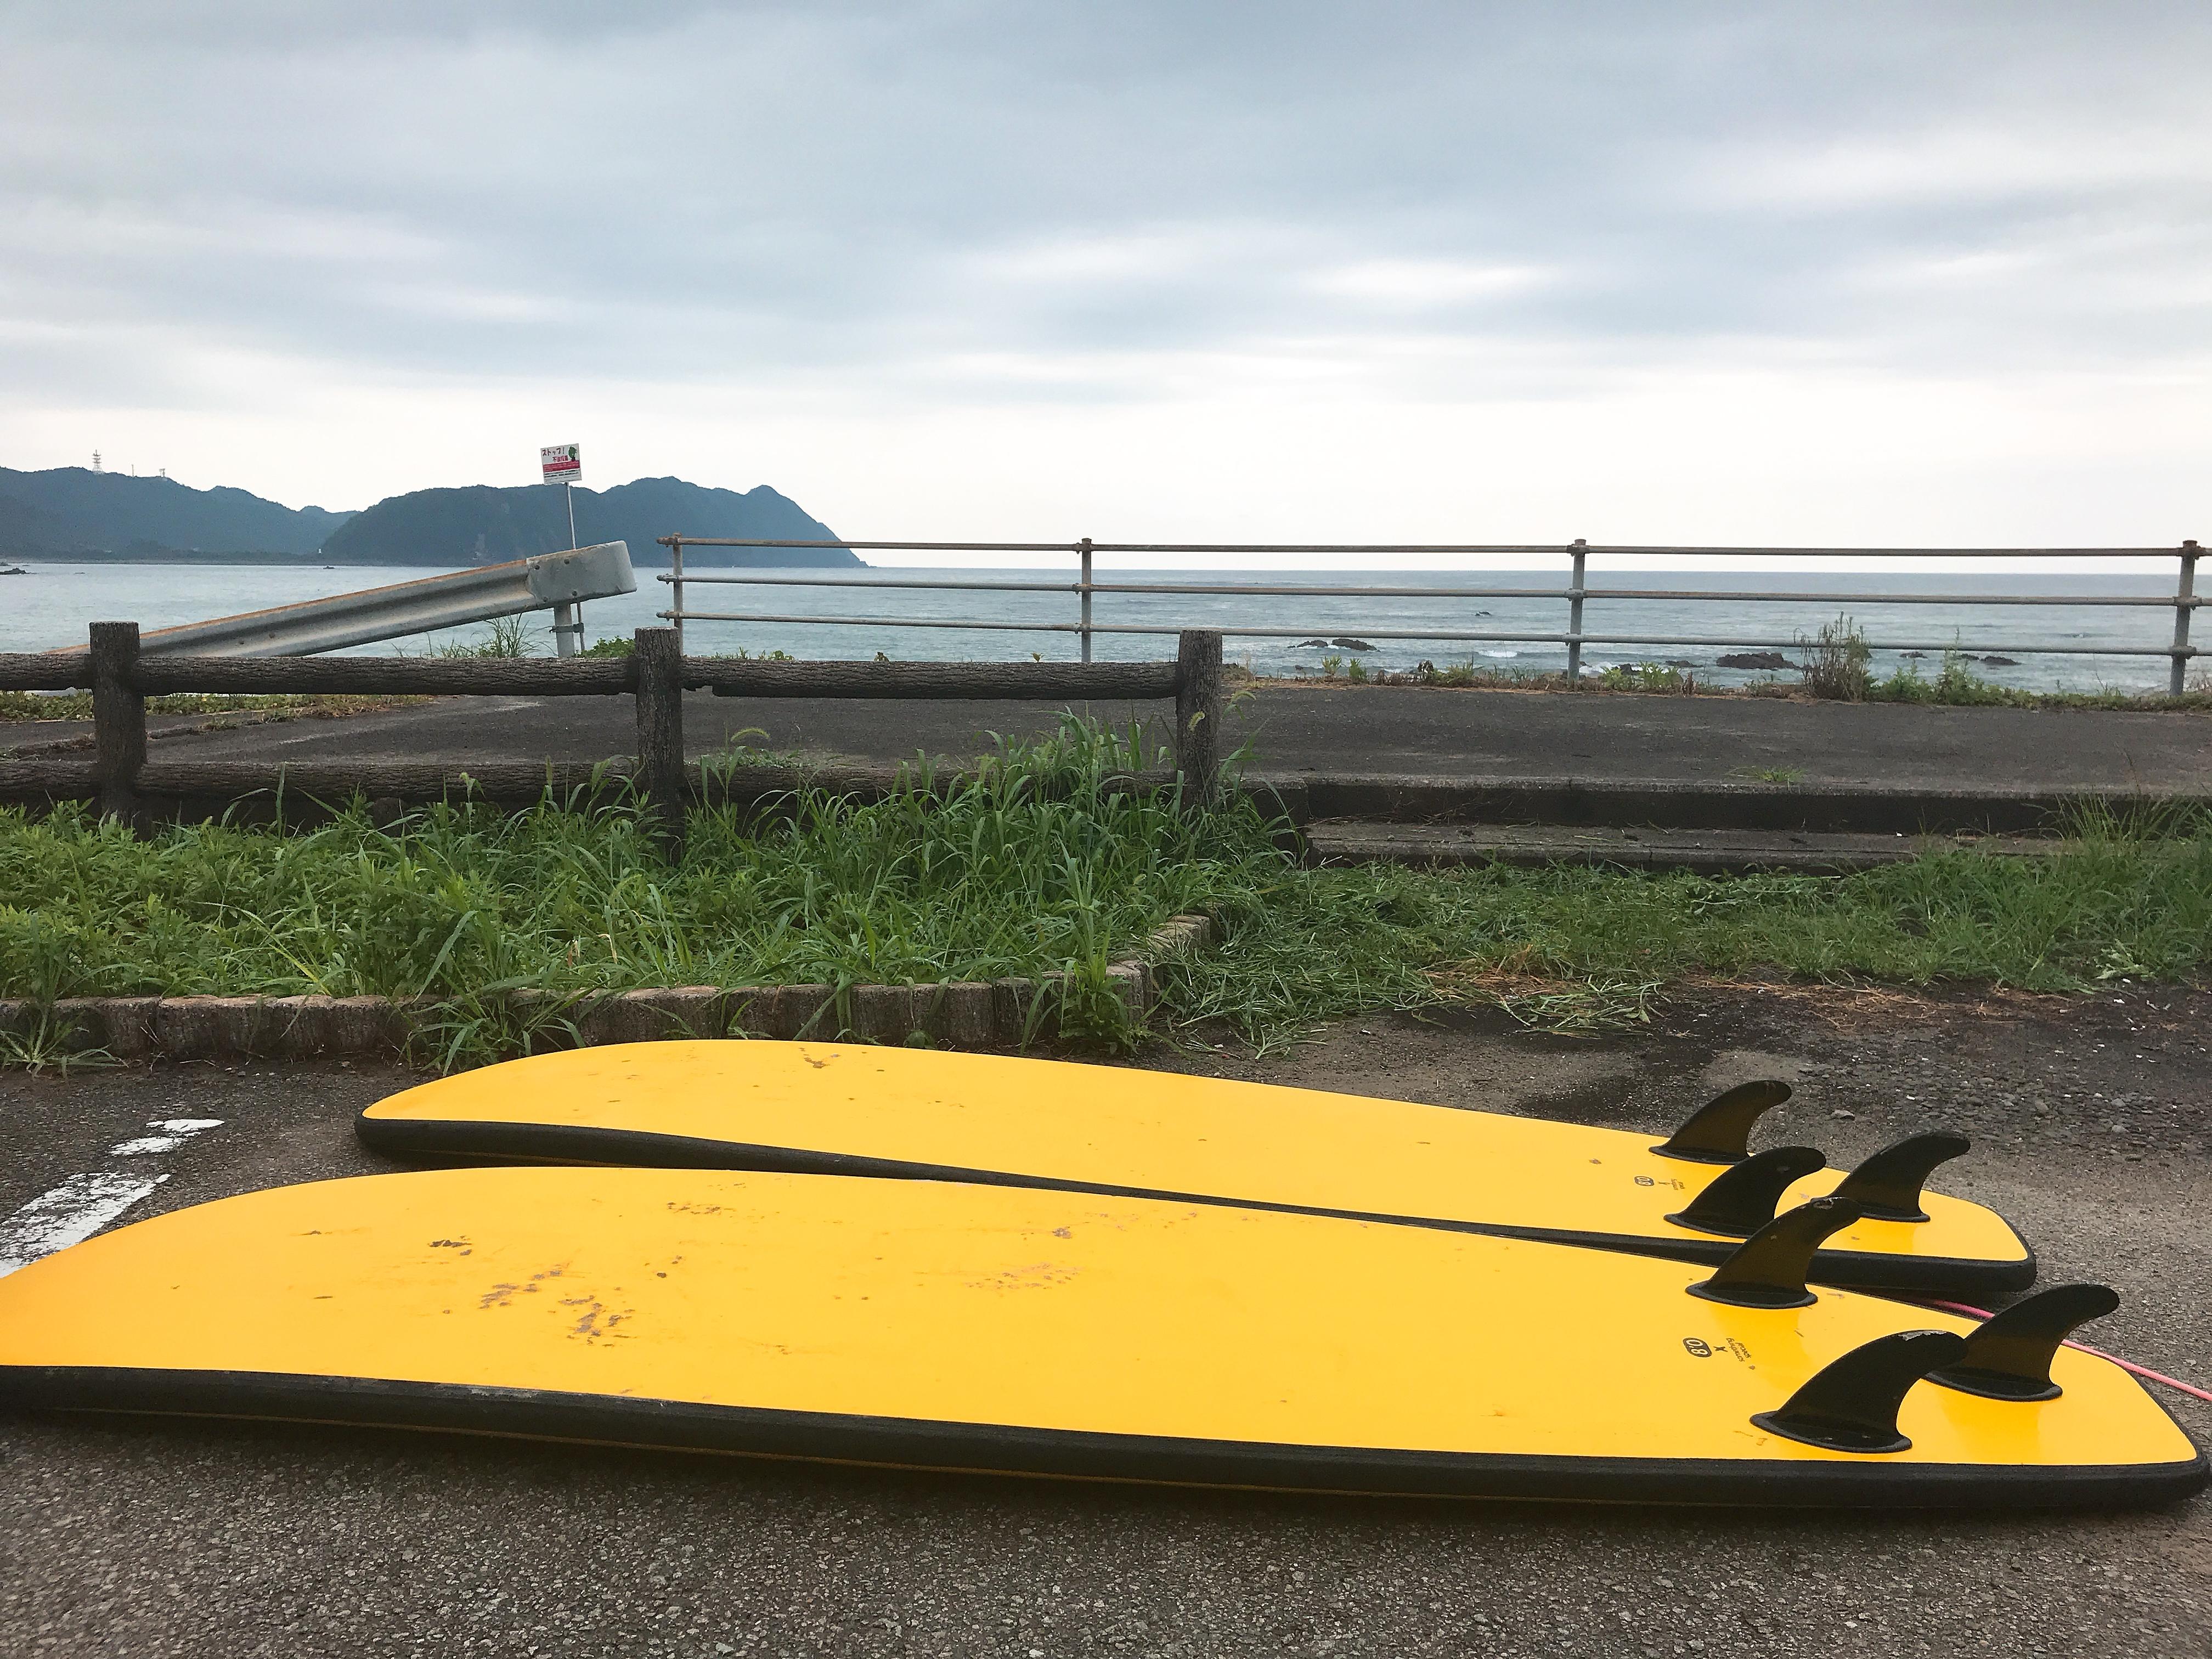 初めての徳島・宍喰海岸の波は凄かった!サーフィン面白い♪でも明日は全身筋肉痛だな(笑)